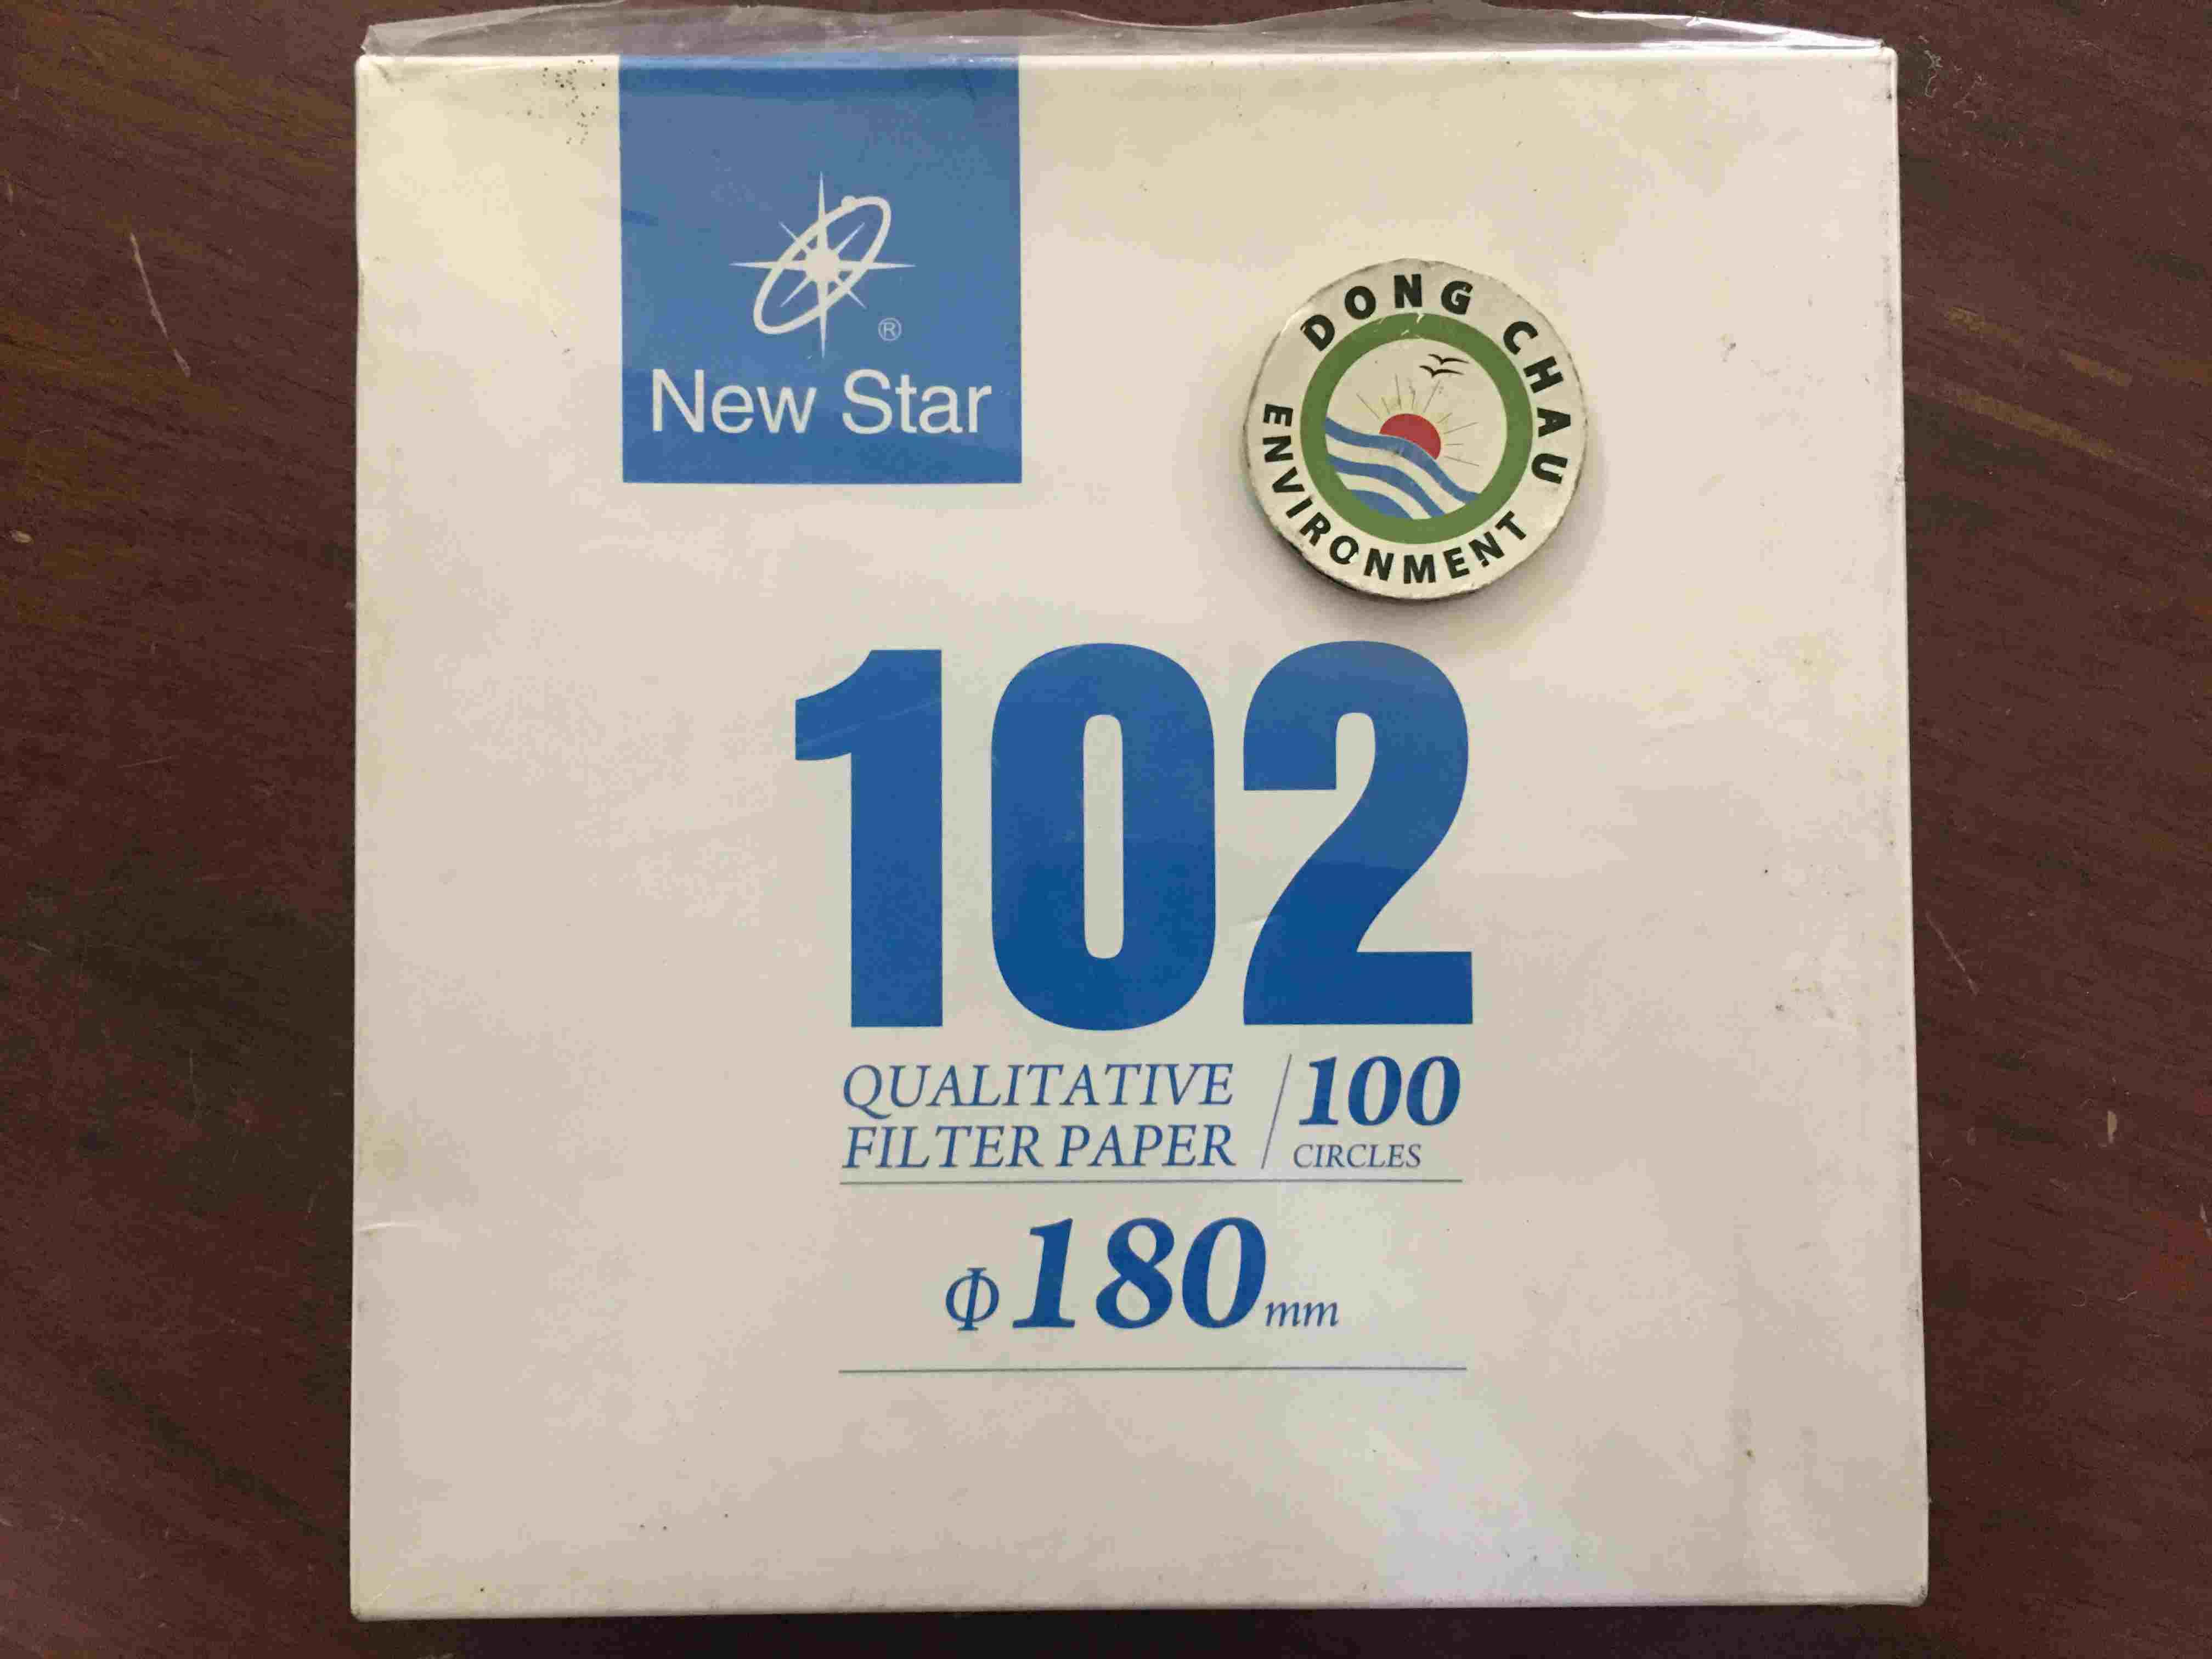 Giấy Lọc Phòng Thí Nghiệm Newstar 102 Đường Kính 180 Mm